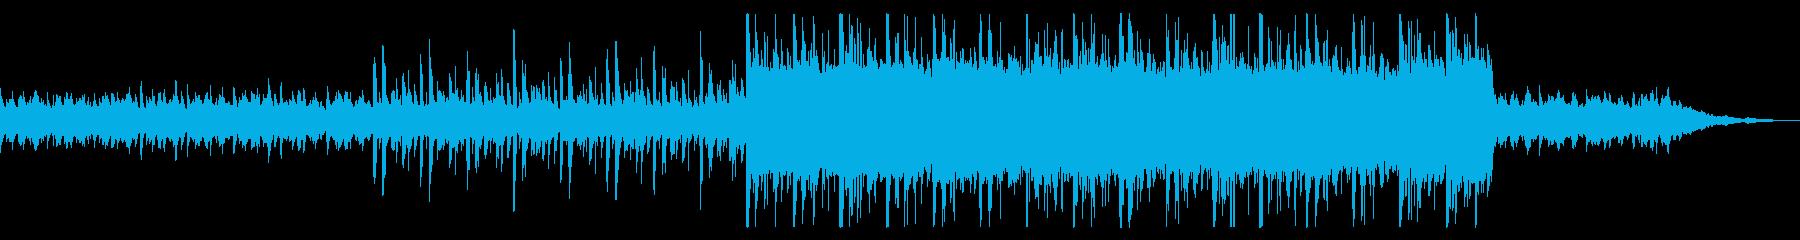 心地よい安らぎのヒーリングミュージックの再生済みの波形